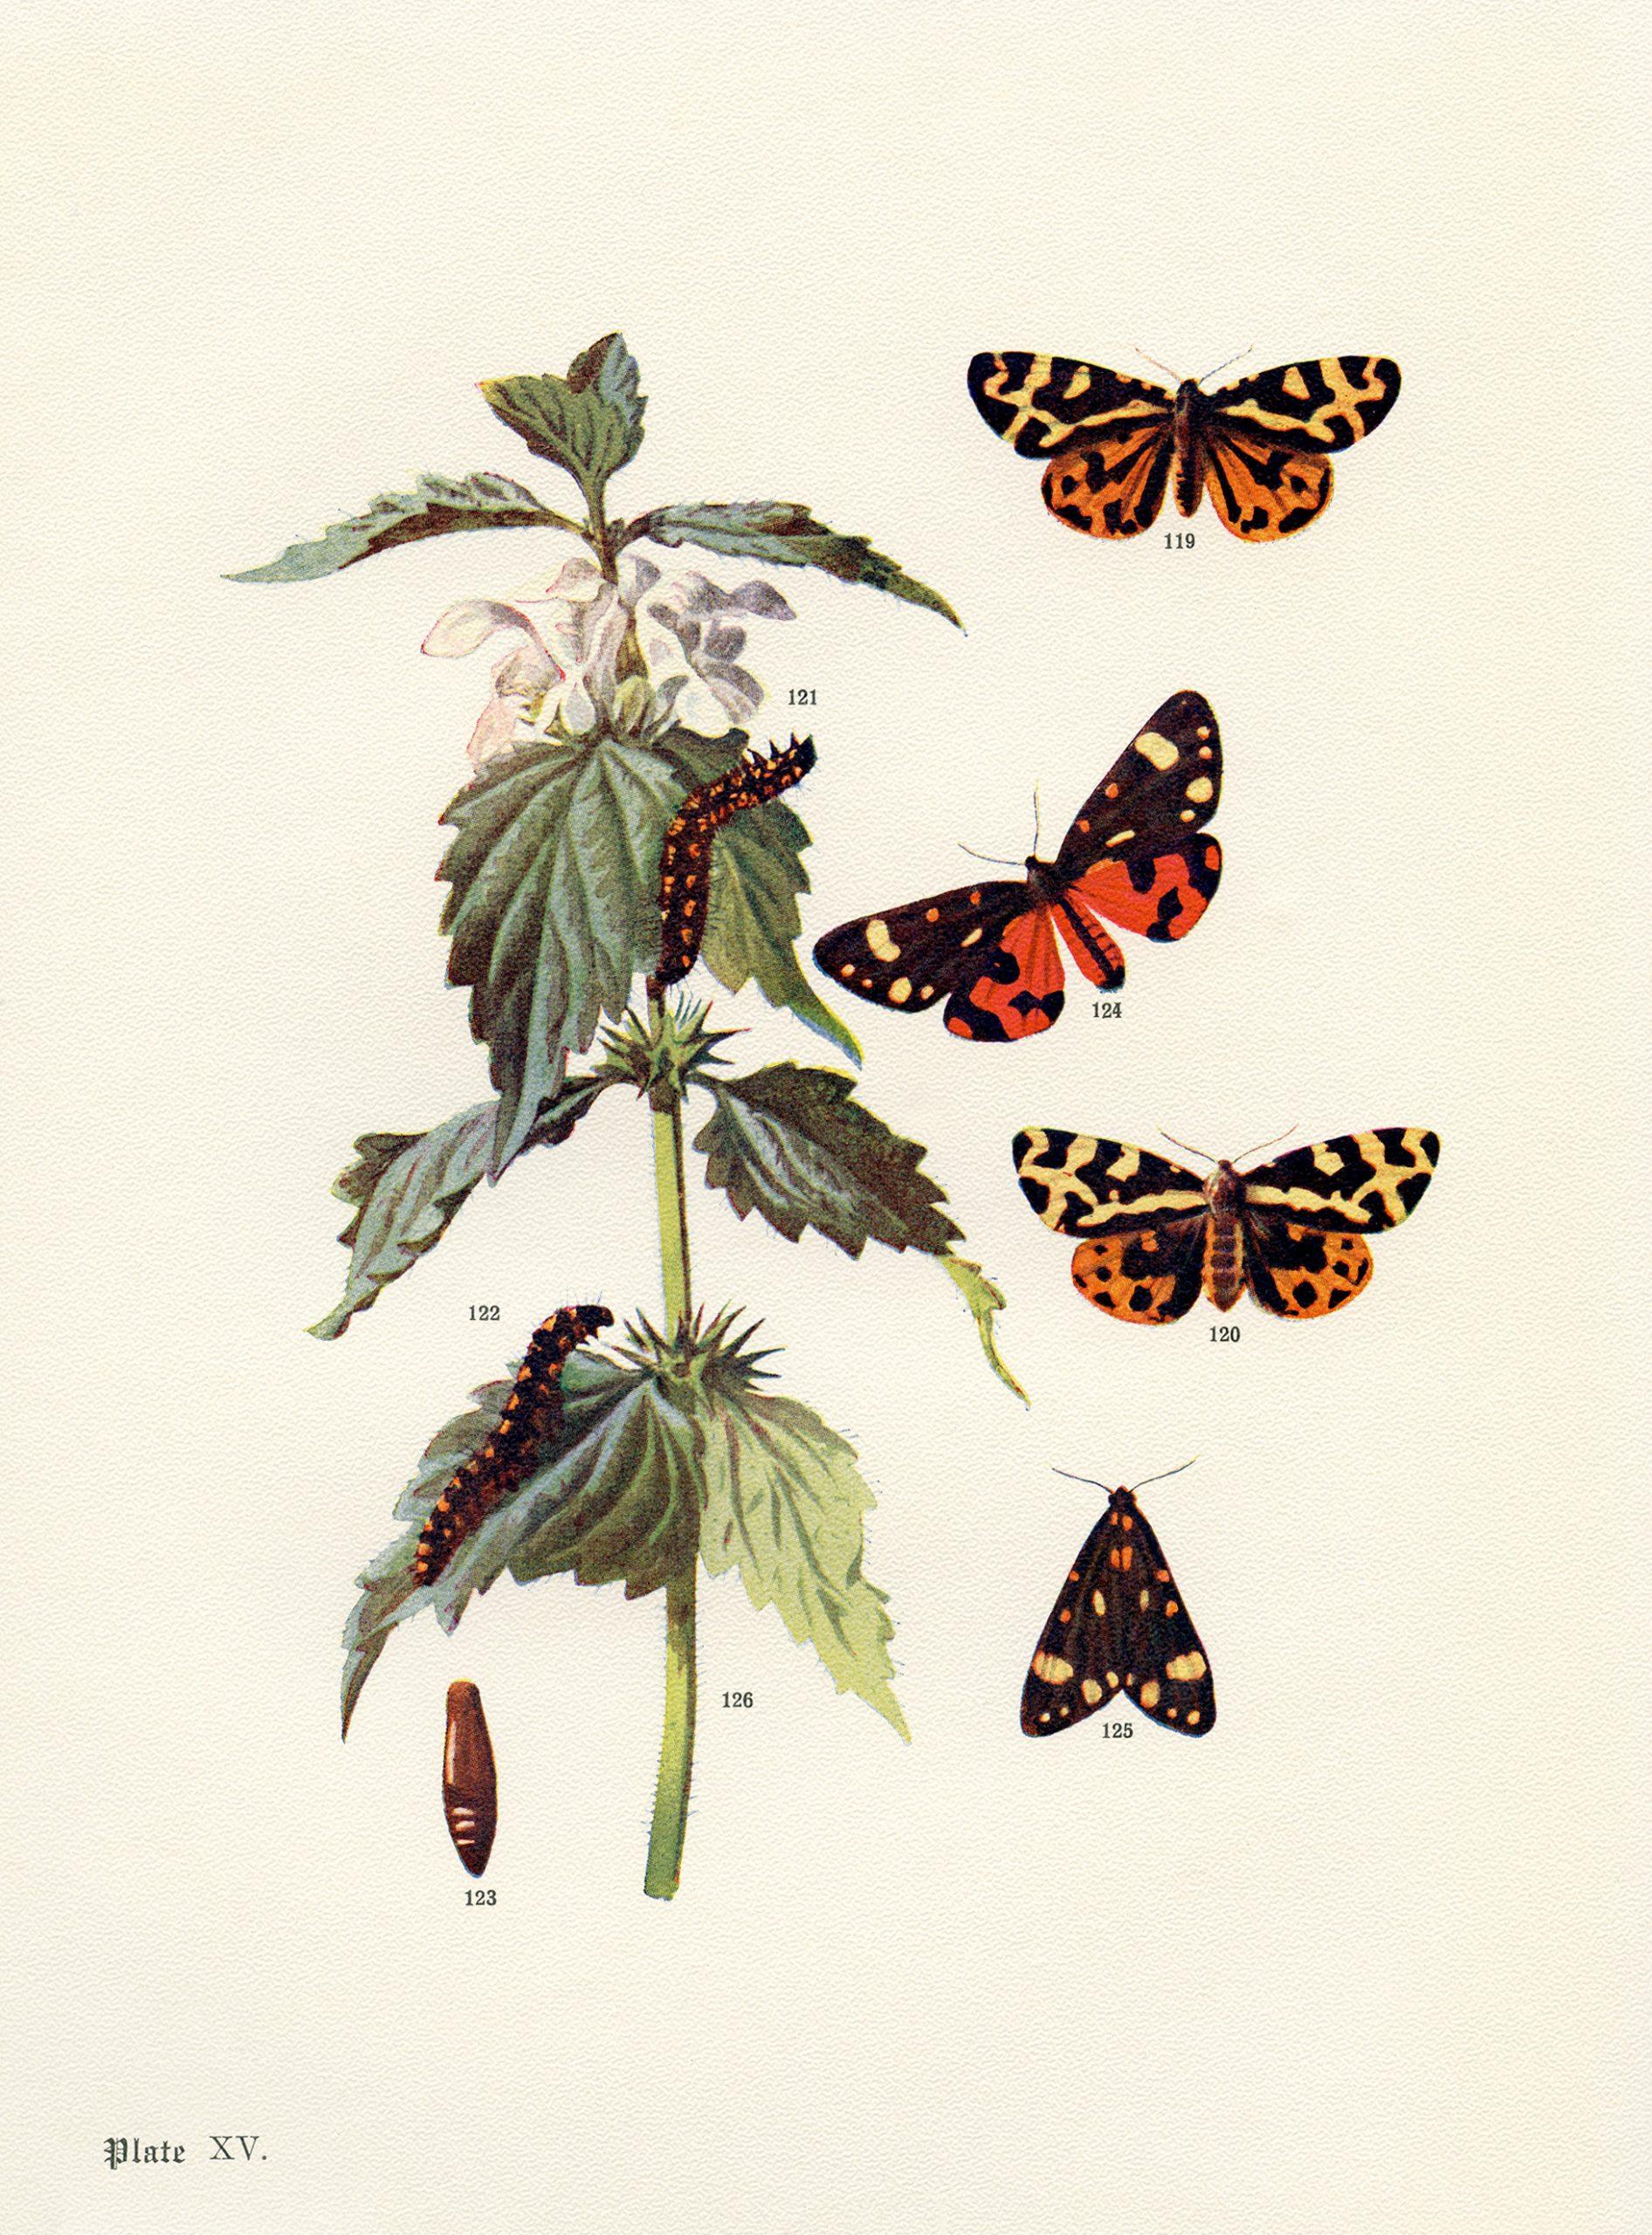 wood and scarlet tiger moths free printable illustration